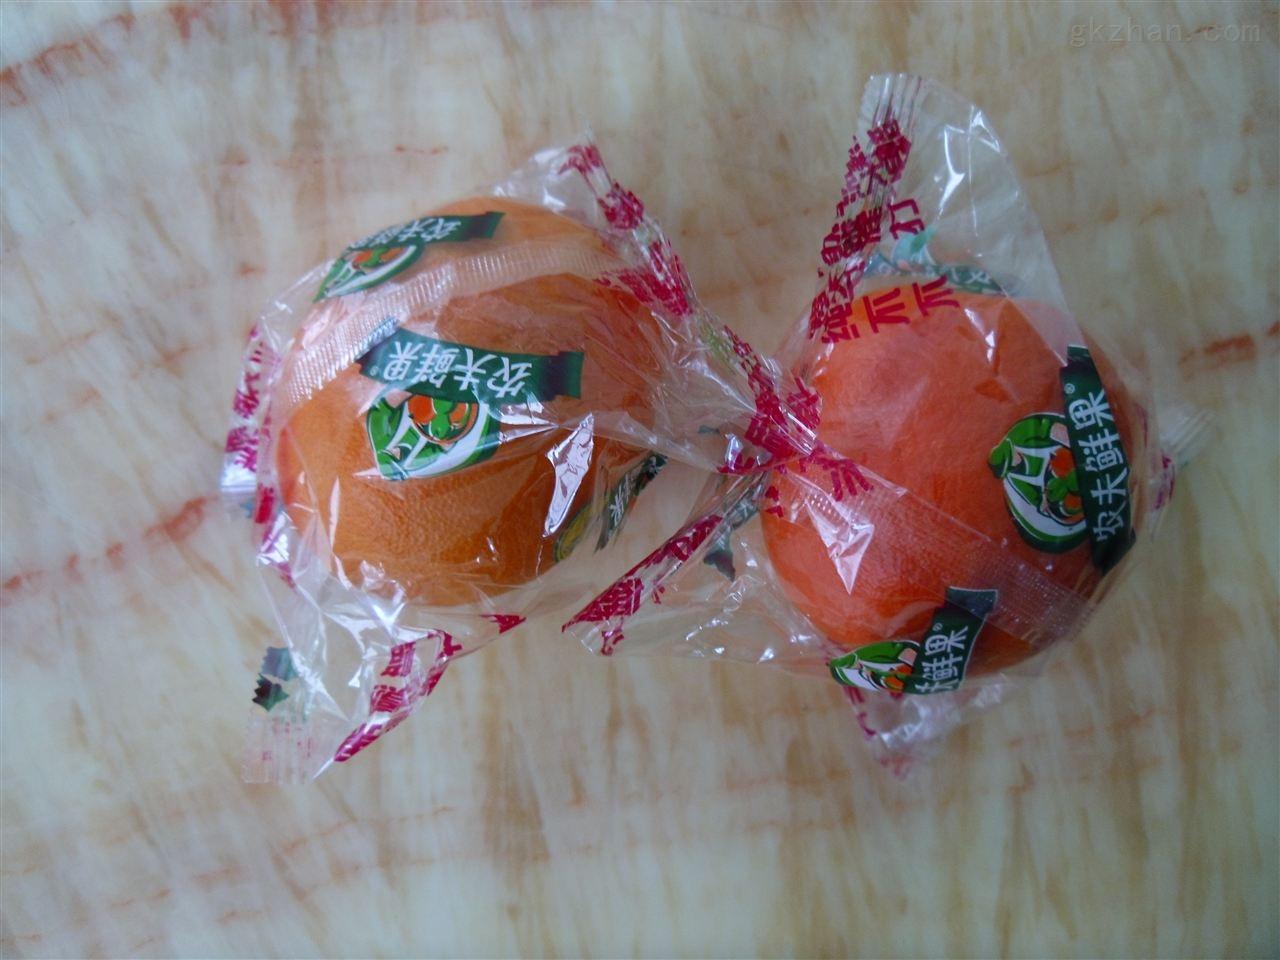 眉山柑橘包装机/单个柑橘包装机